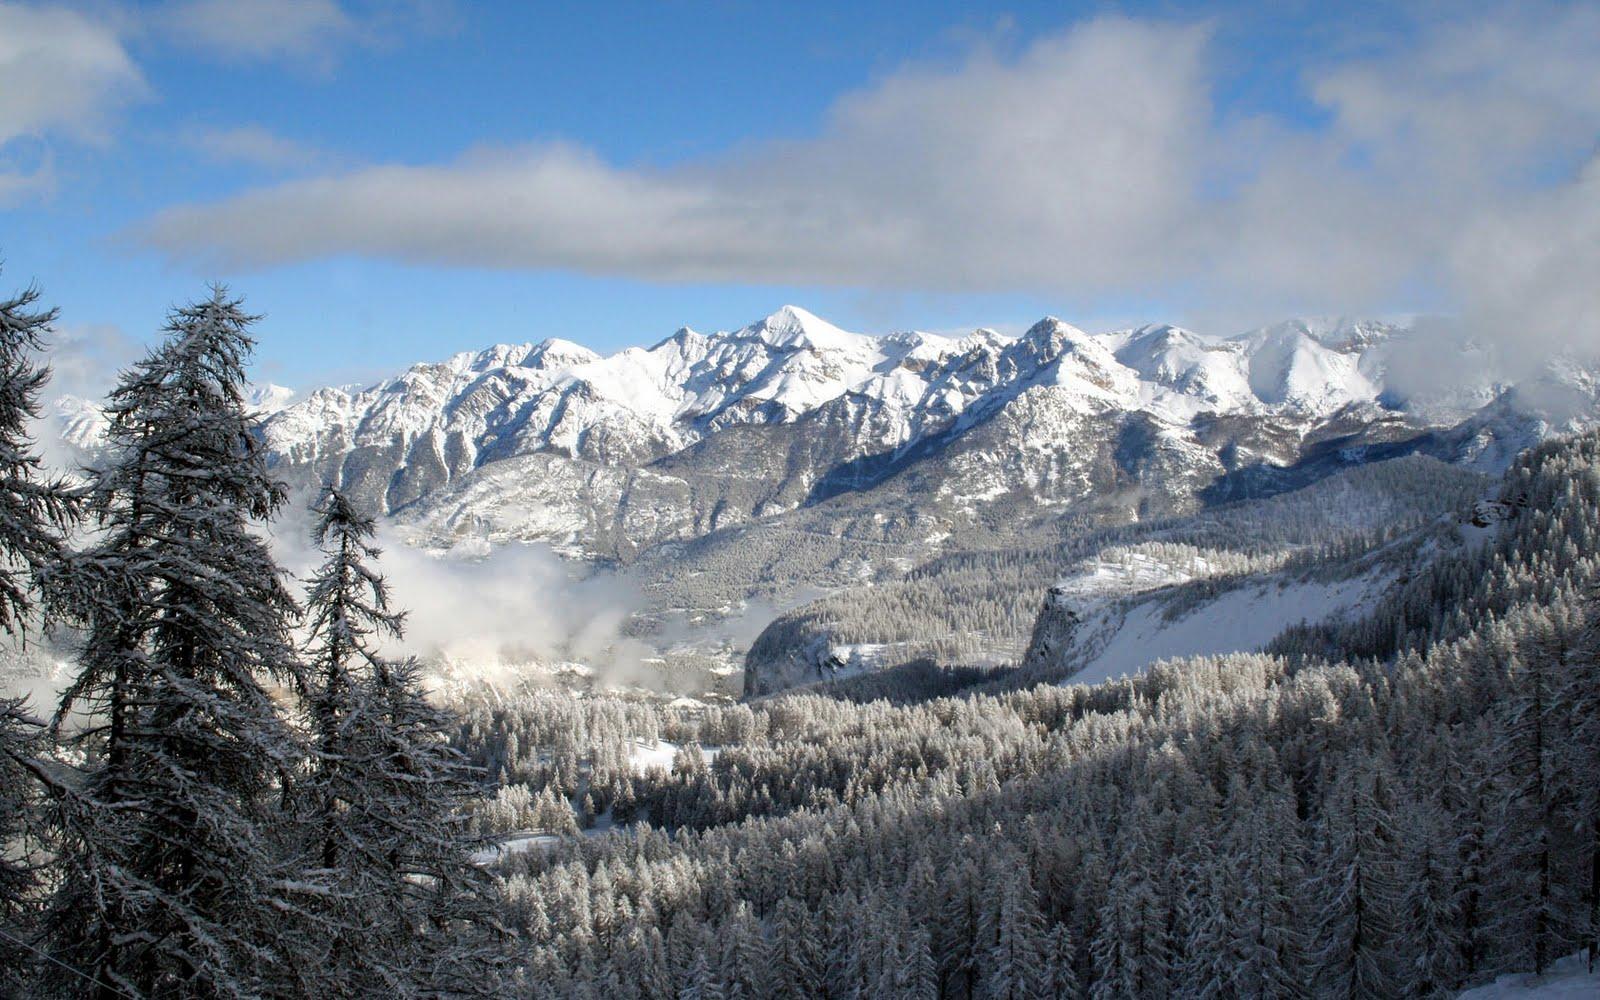 snow landscape backgrounds - photo #40